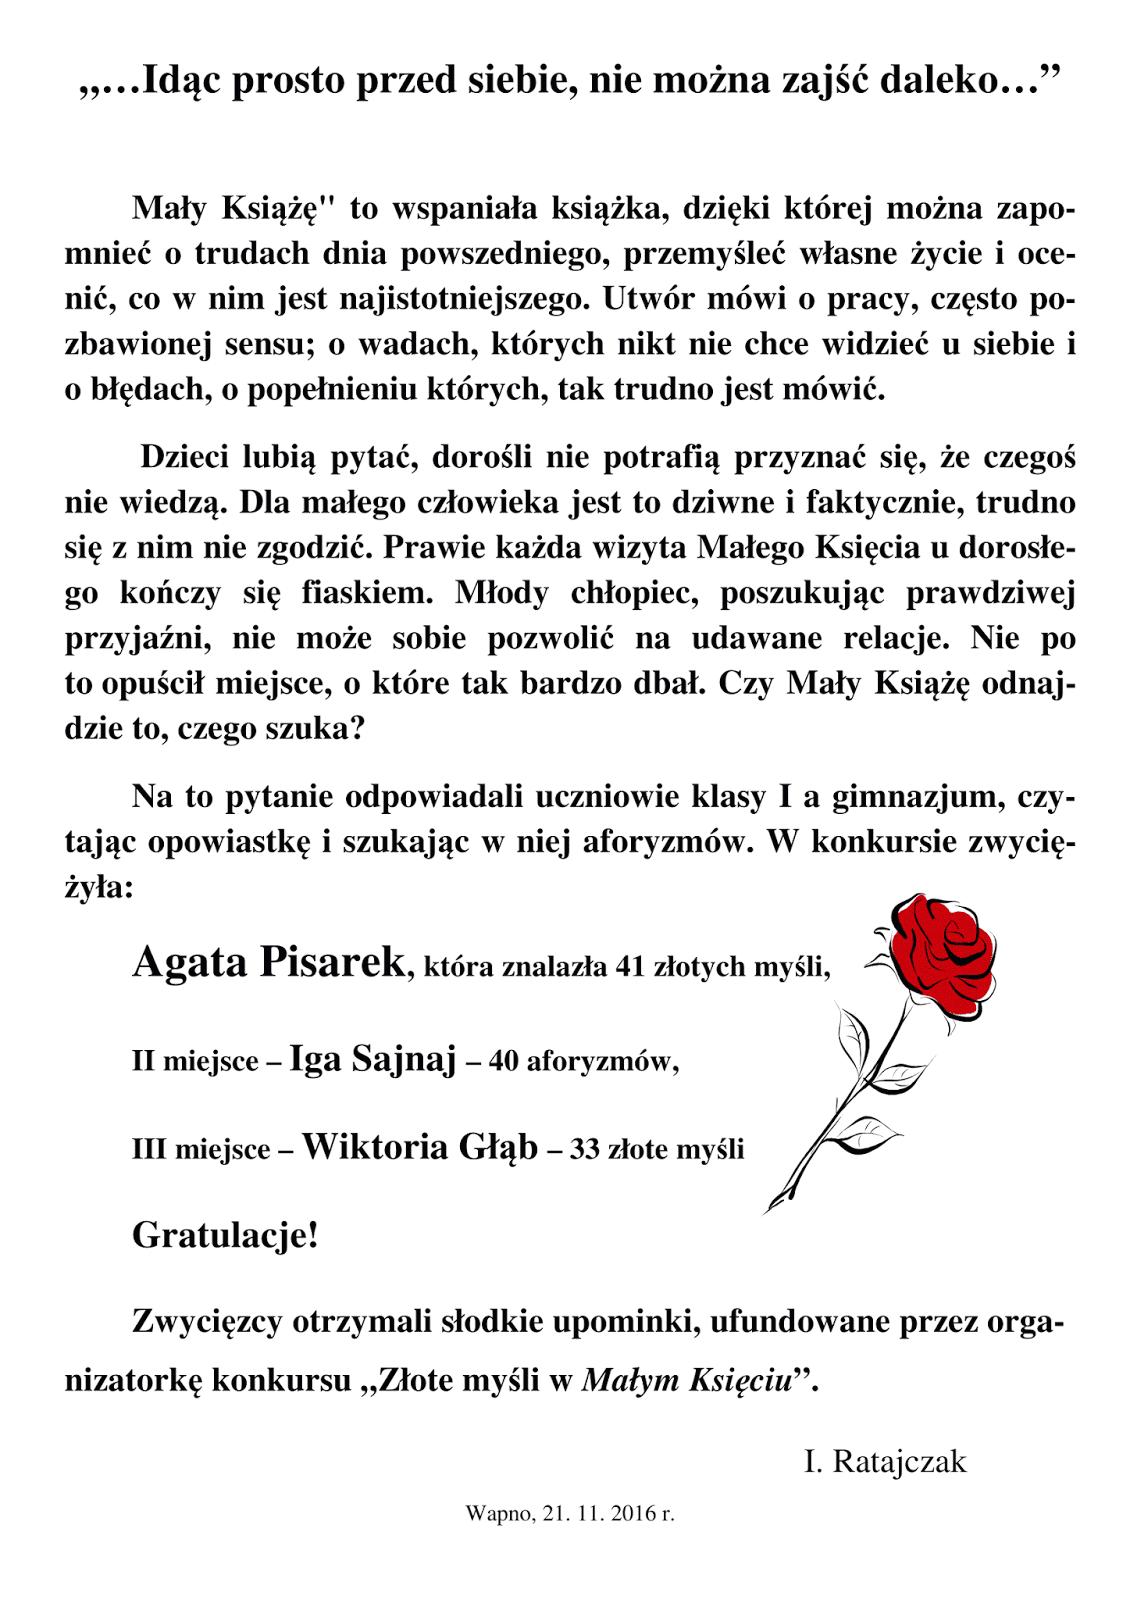 Szkoła Podstawowa Im Adama Mickiewicza W Wapnie Złote